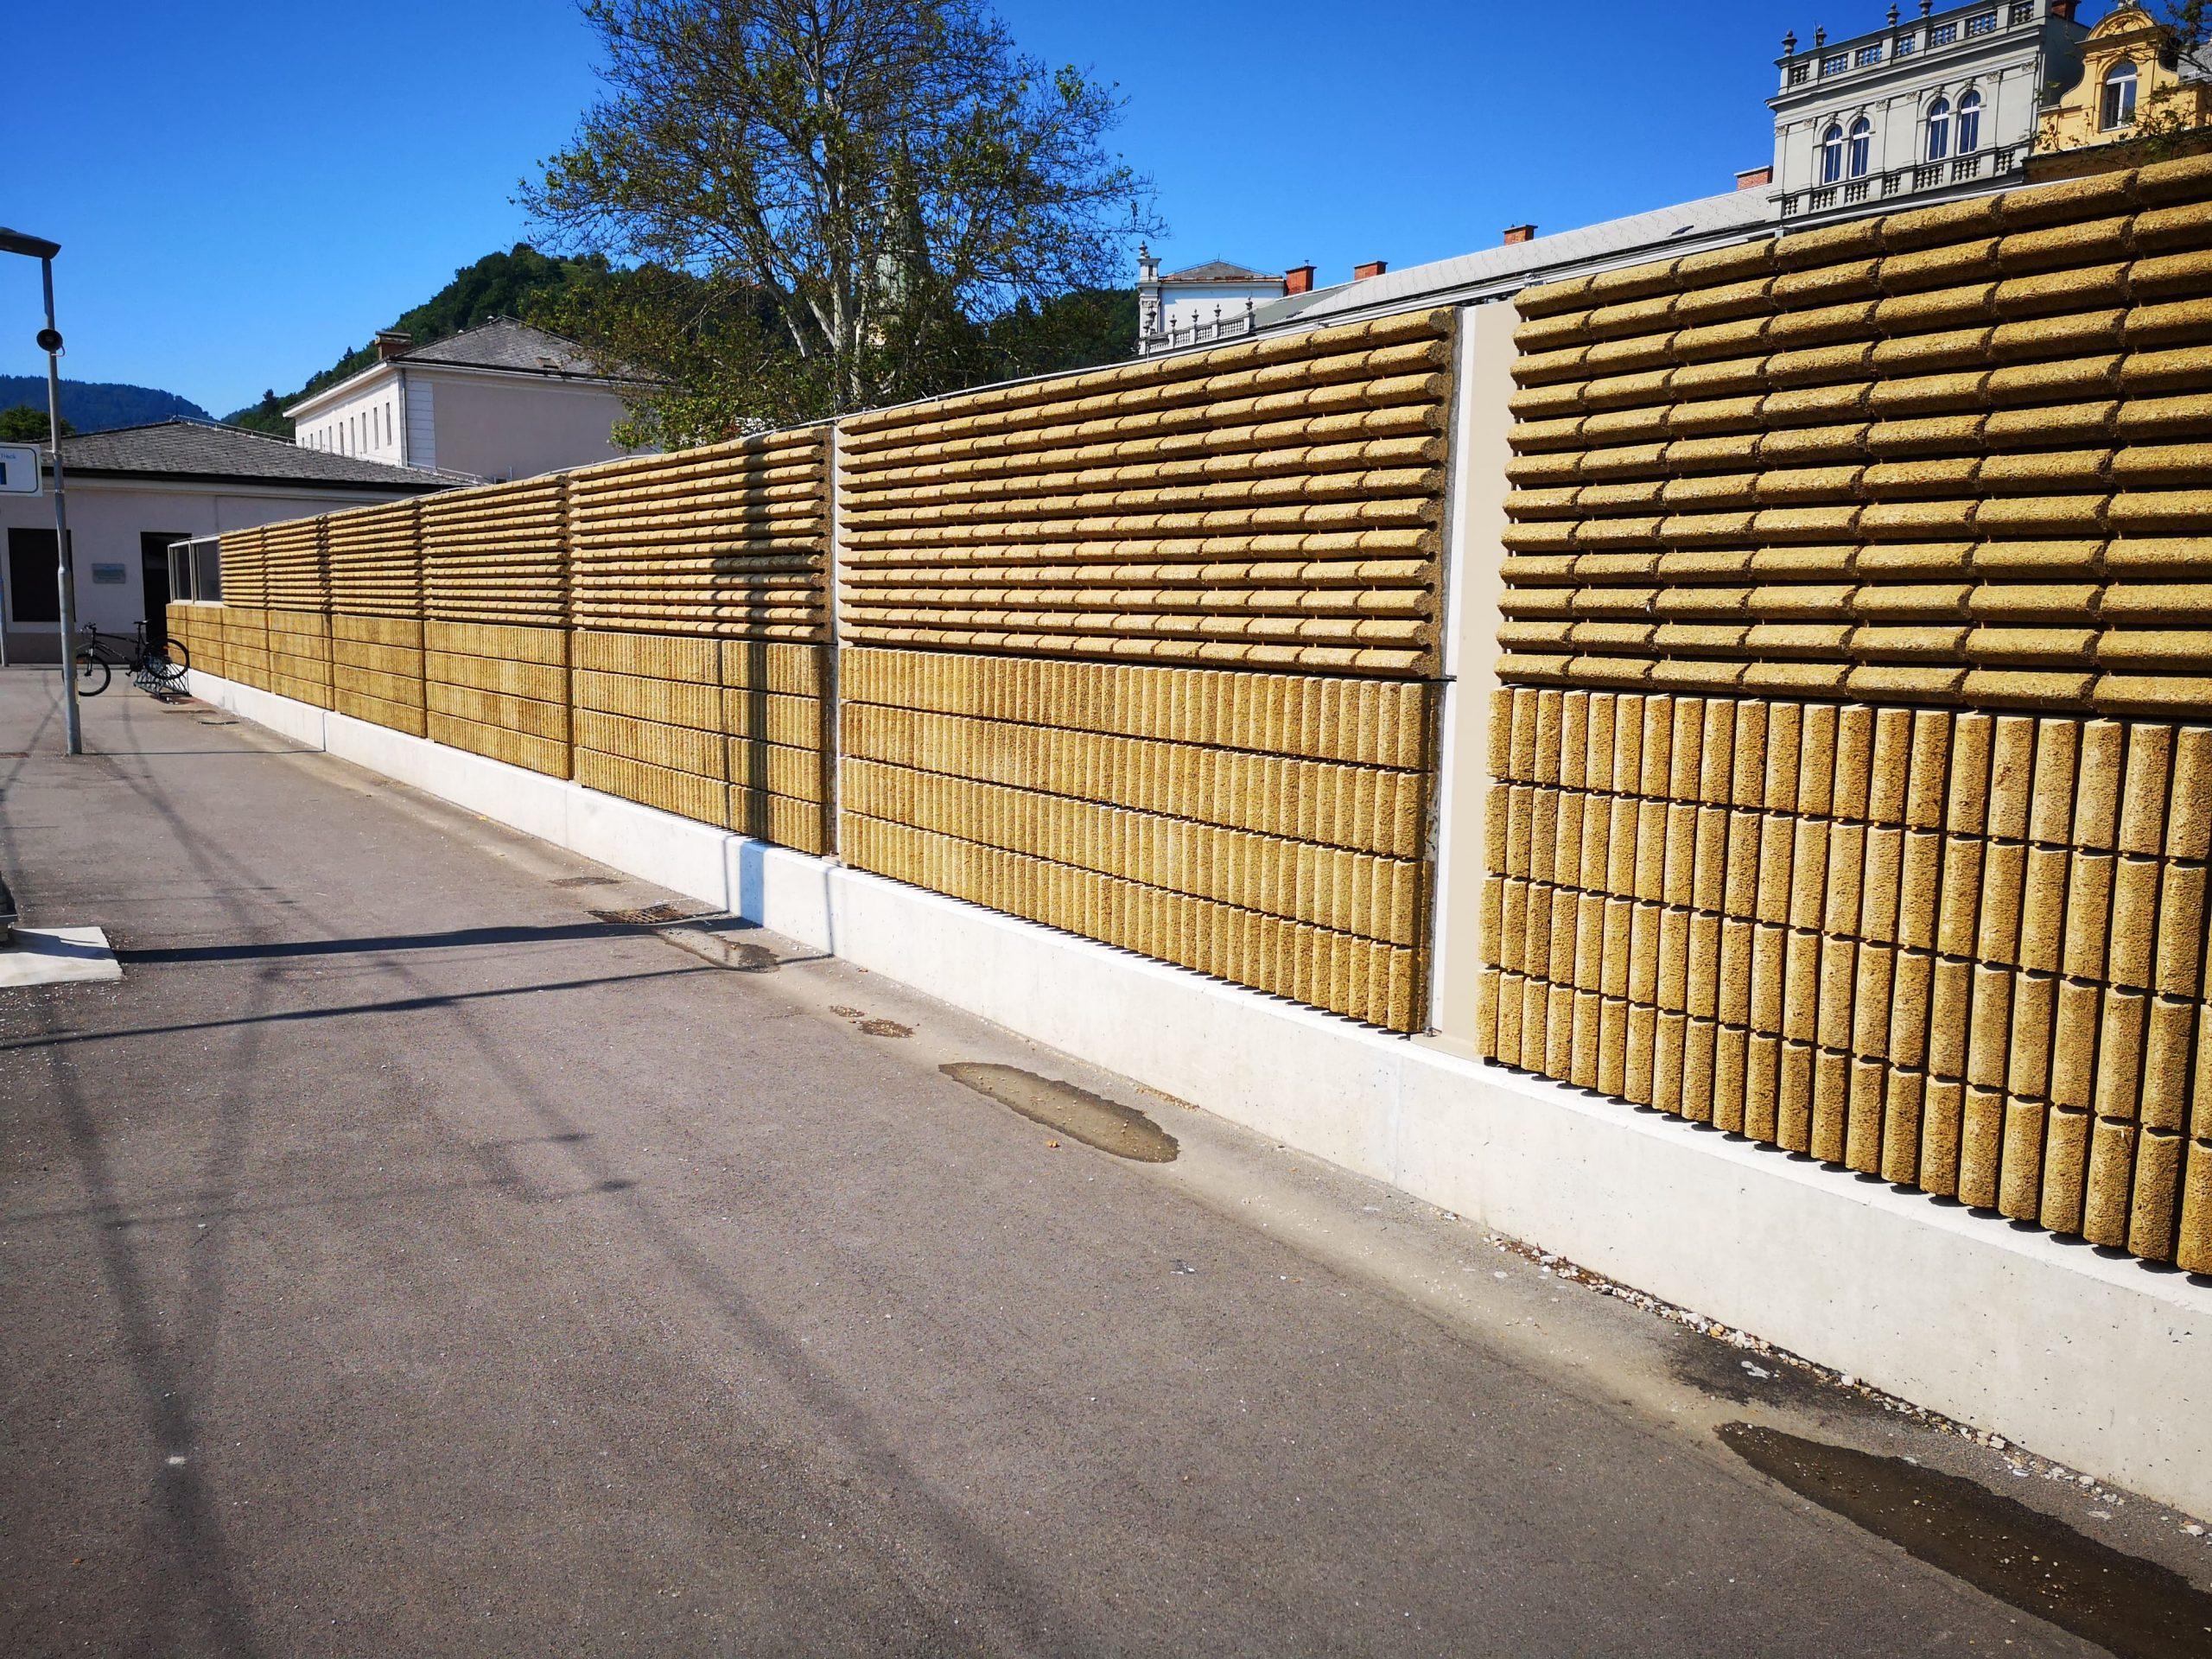 Prometni hrup Zidani Most-Celje slika3